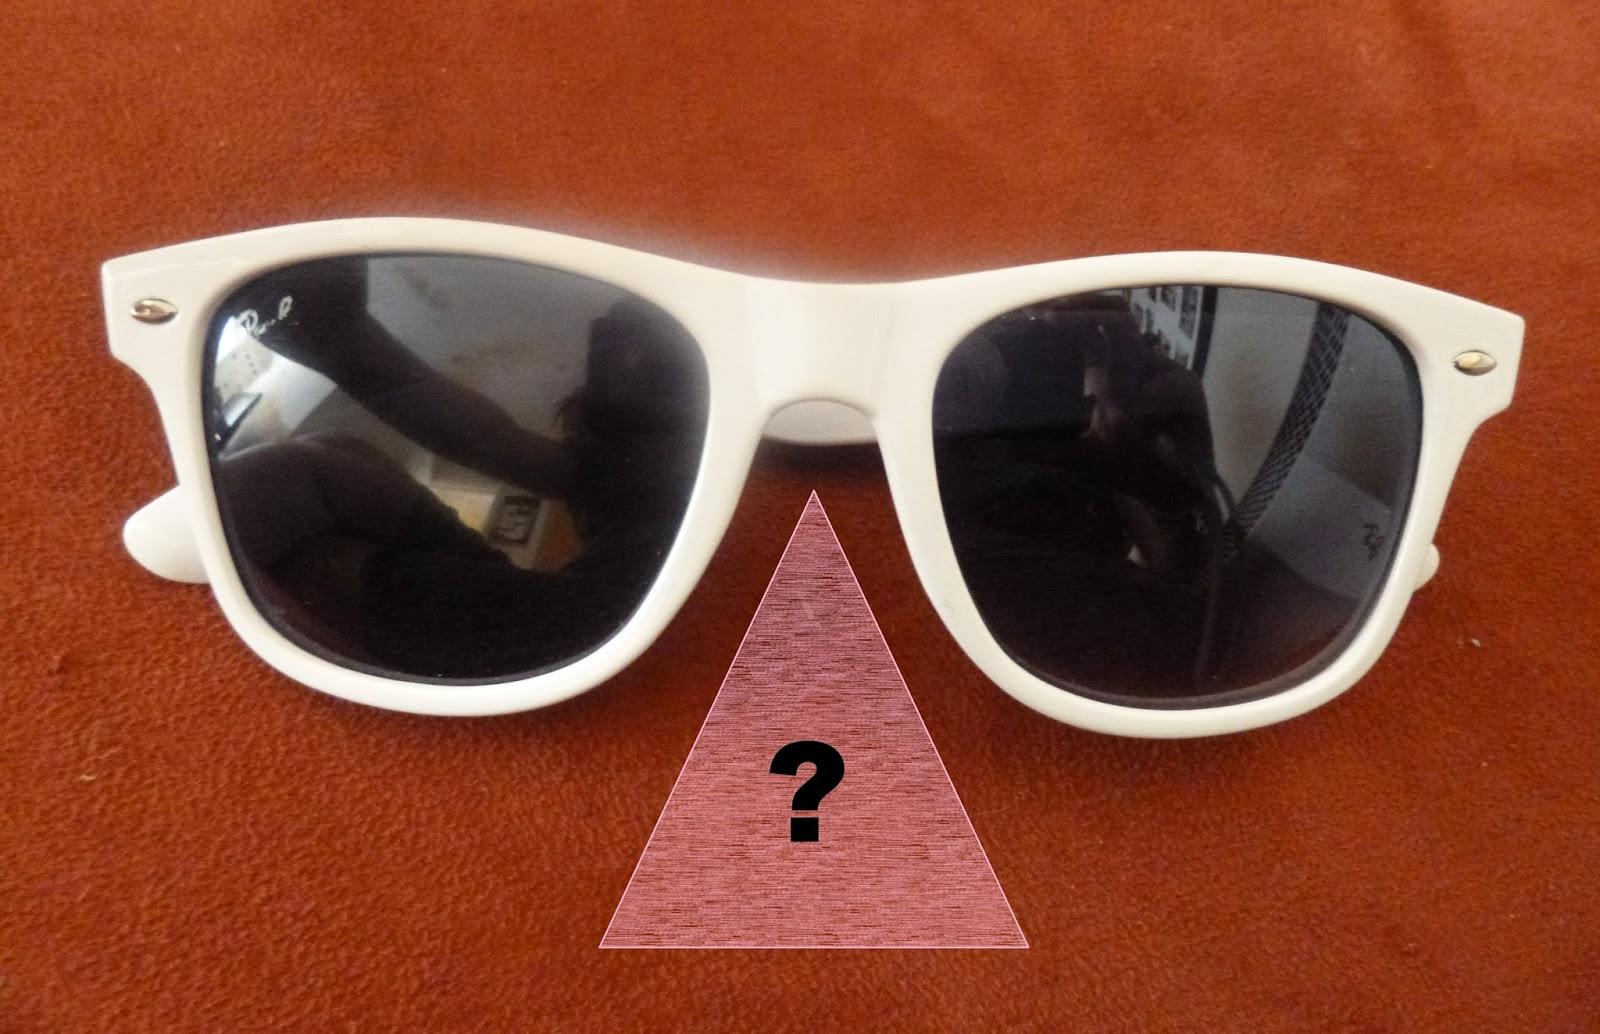 essayez les lunettes Grand optical permet l'essai de lunettes en ligne vous donnant ainsi la possibilité  de tester vos montures  essayez-les comme si vous étiez en magasin.